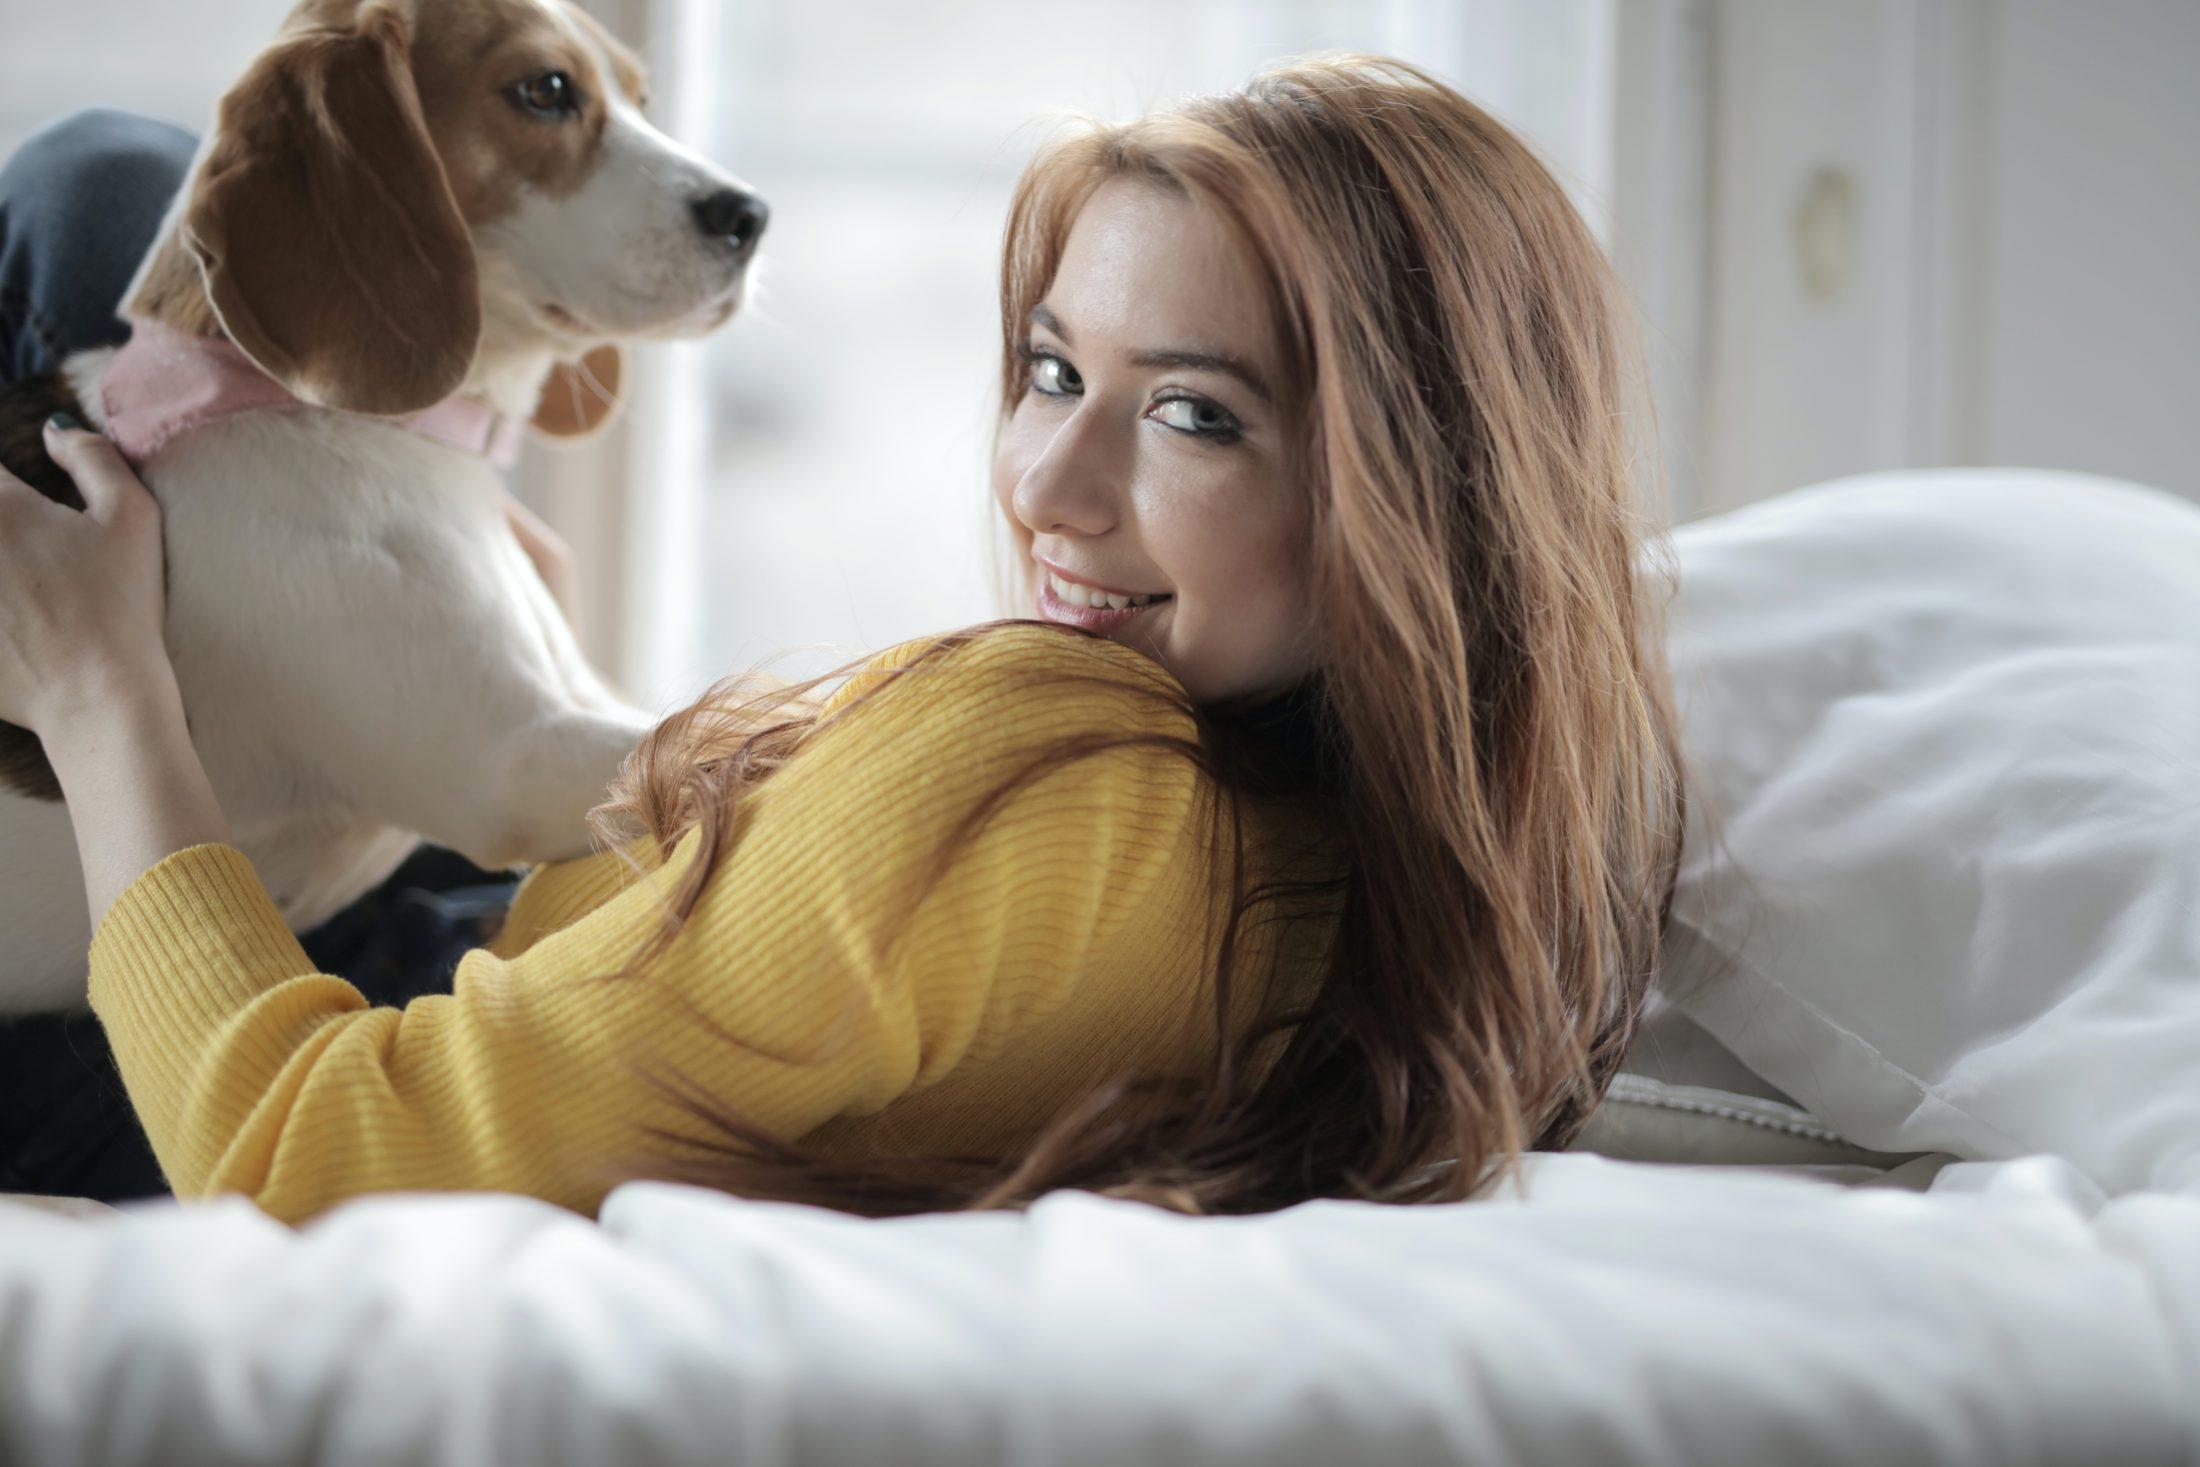 dona com seu cachorro no colo deitada na cama